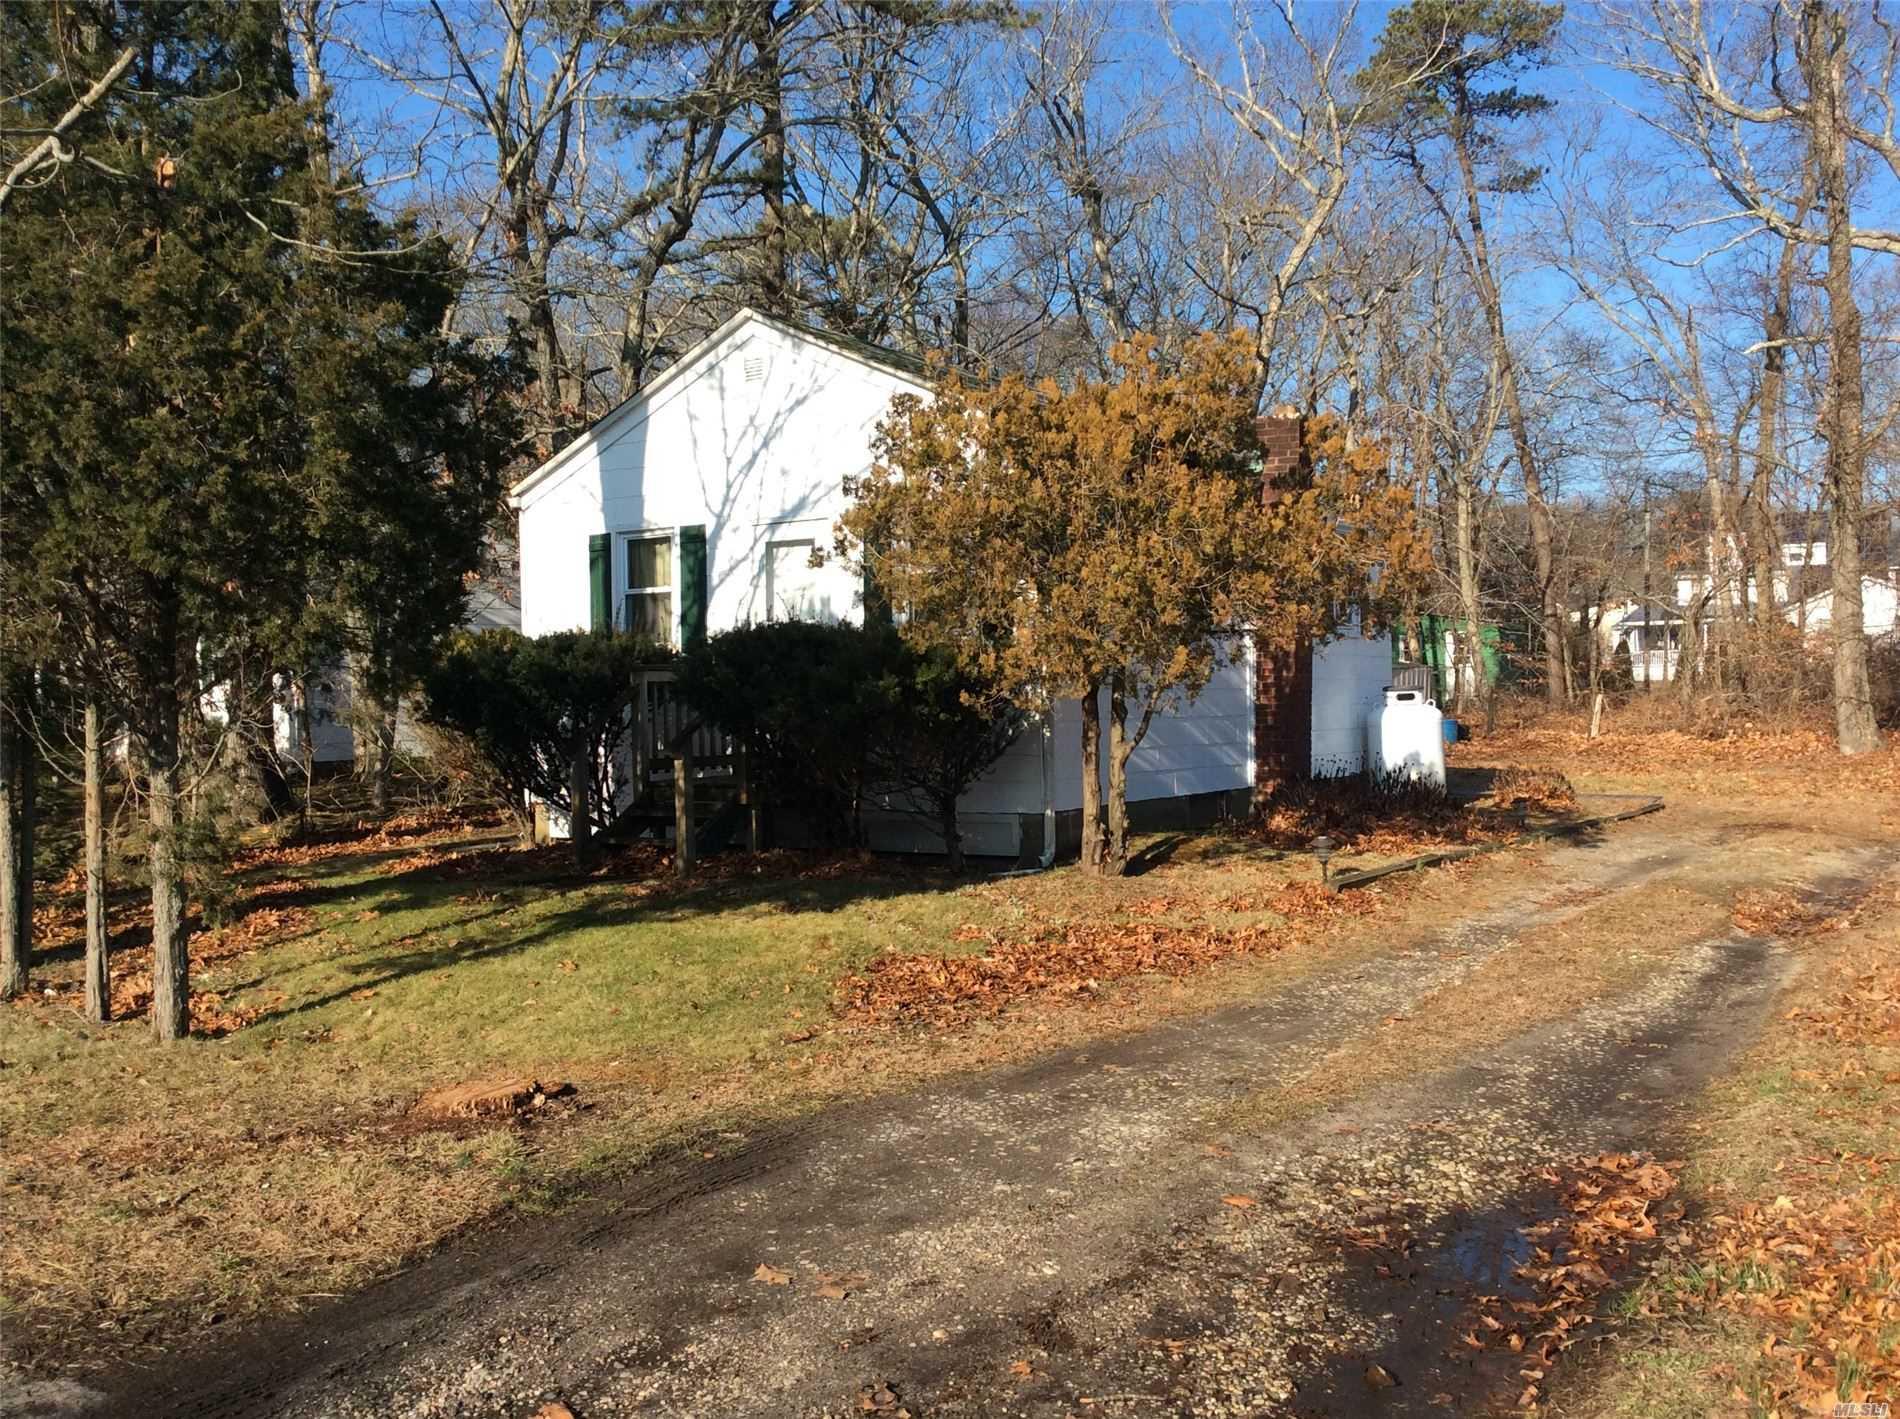 2775 County Route 48 - Mattituck, New York